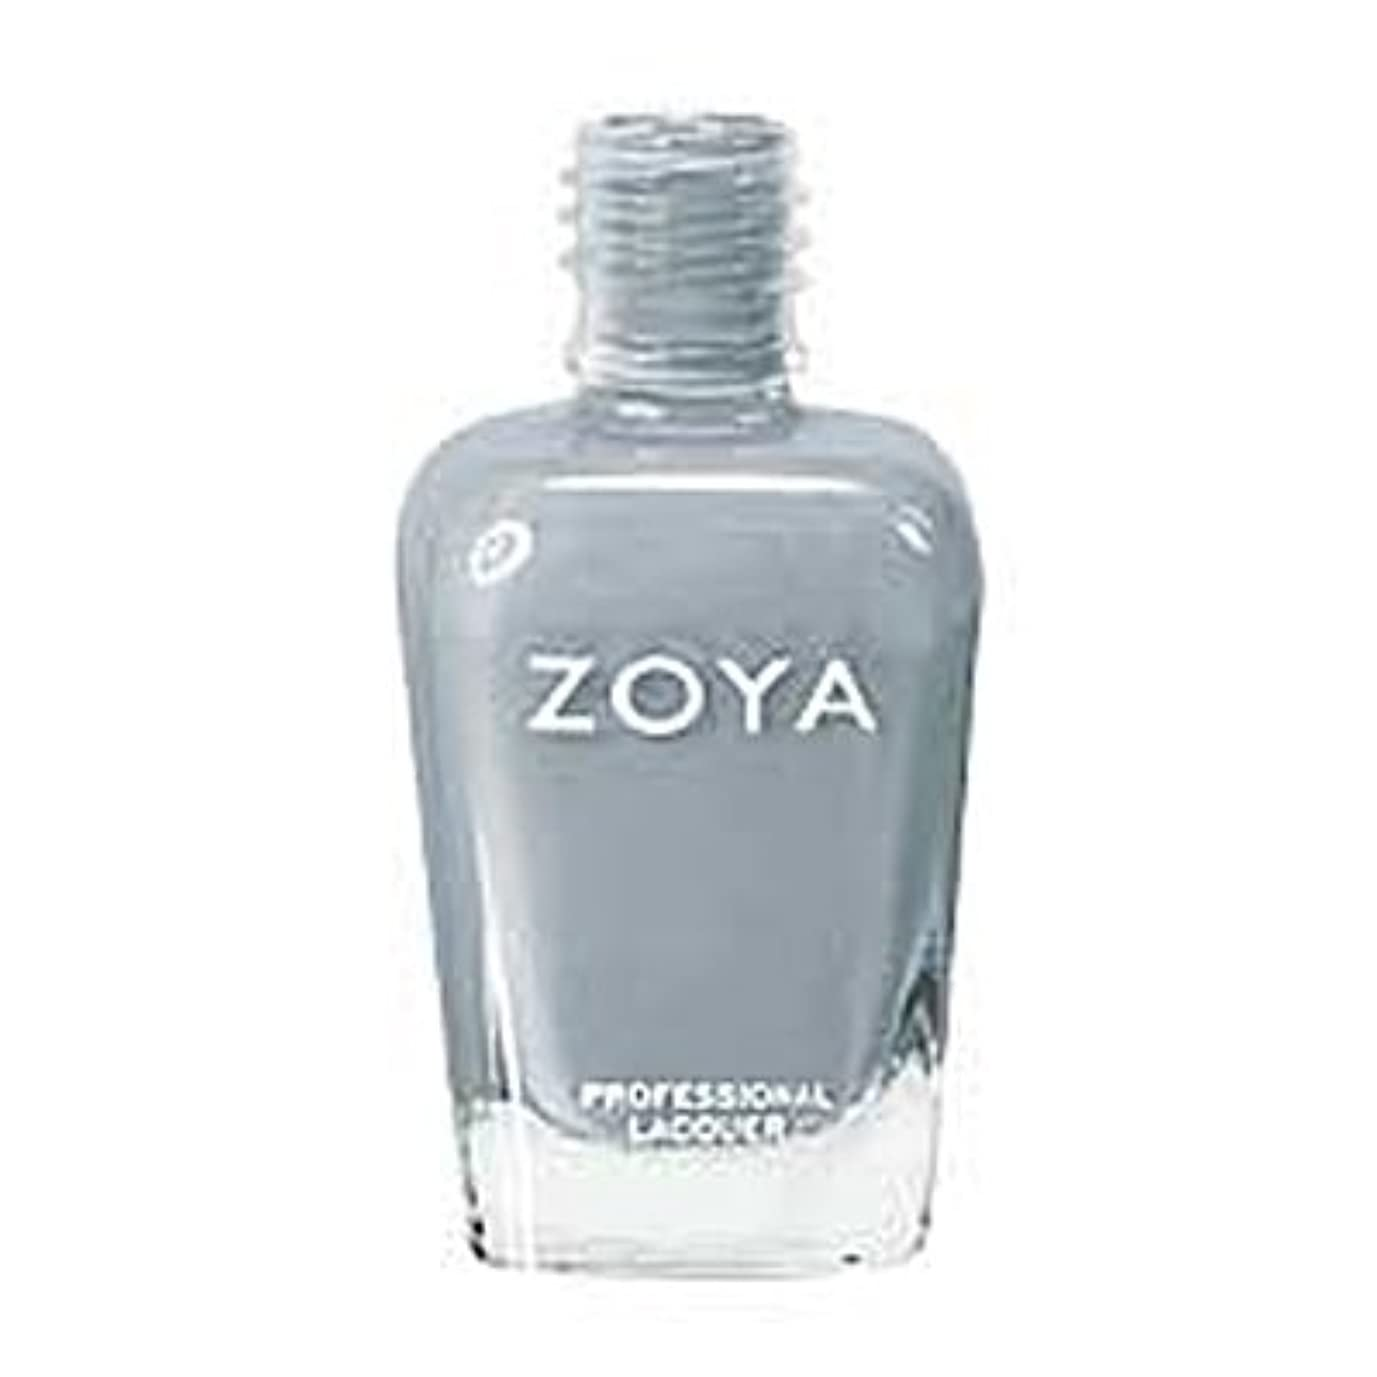 キャスト合図すすり泣き[Zoya] ZP591 クリスティン [Feel Collection][並行輸入品][海外直送品]